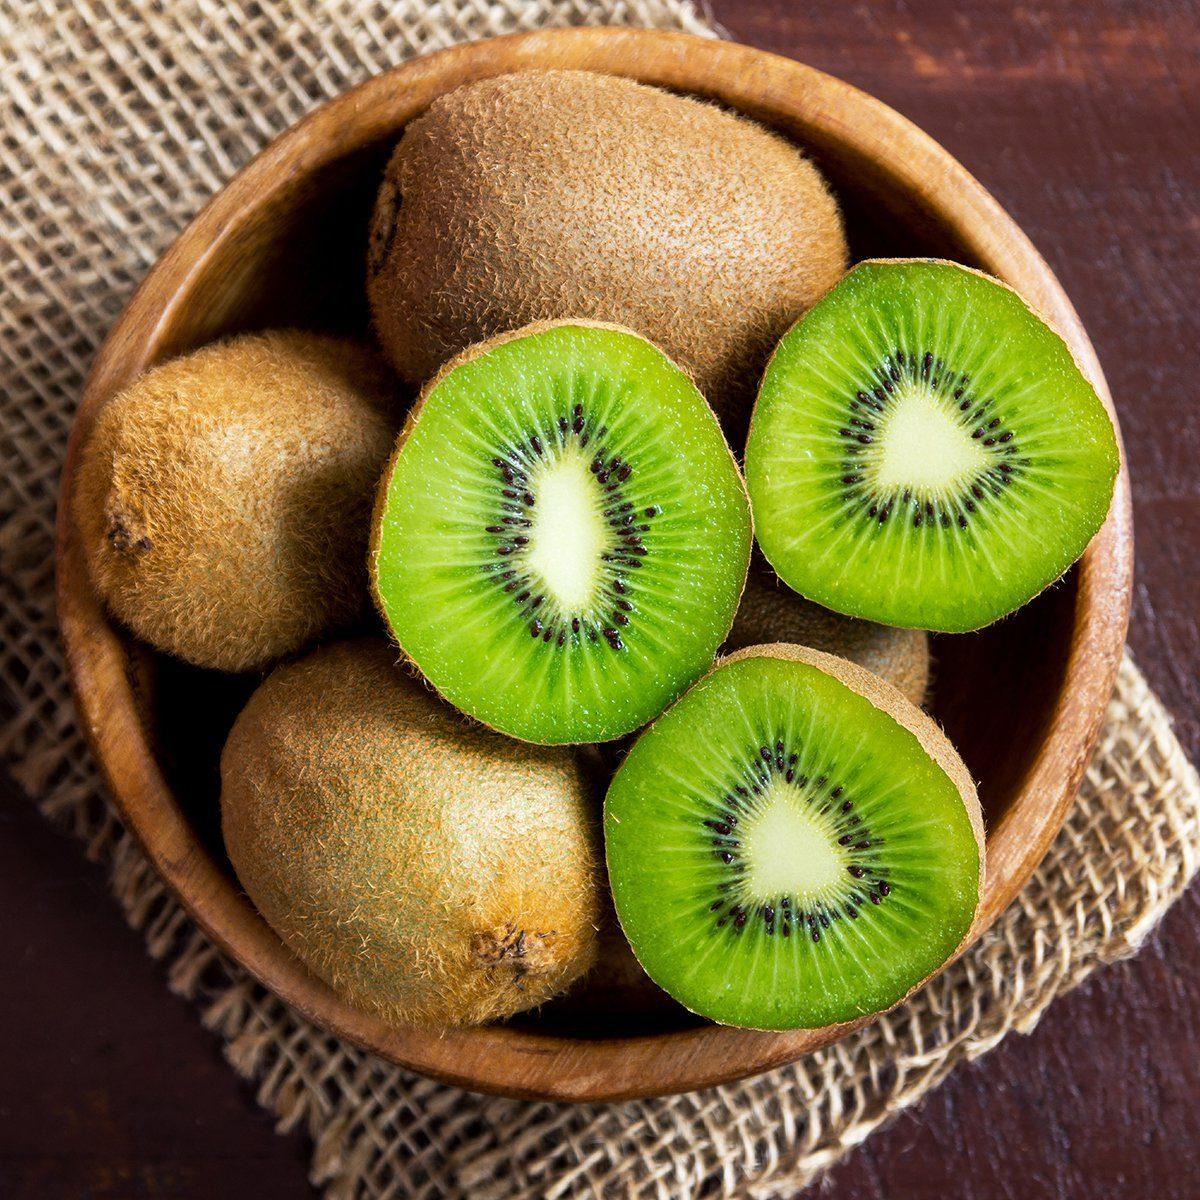 Kiwi fruit on wooden background